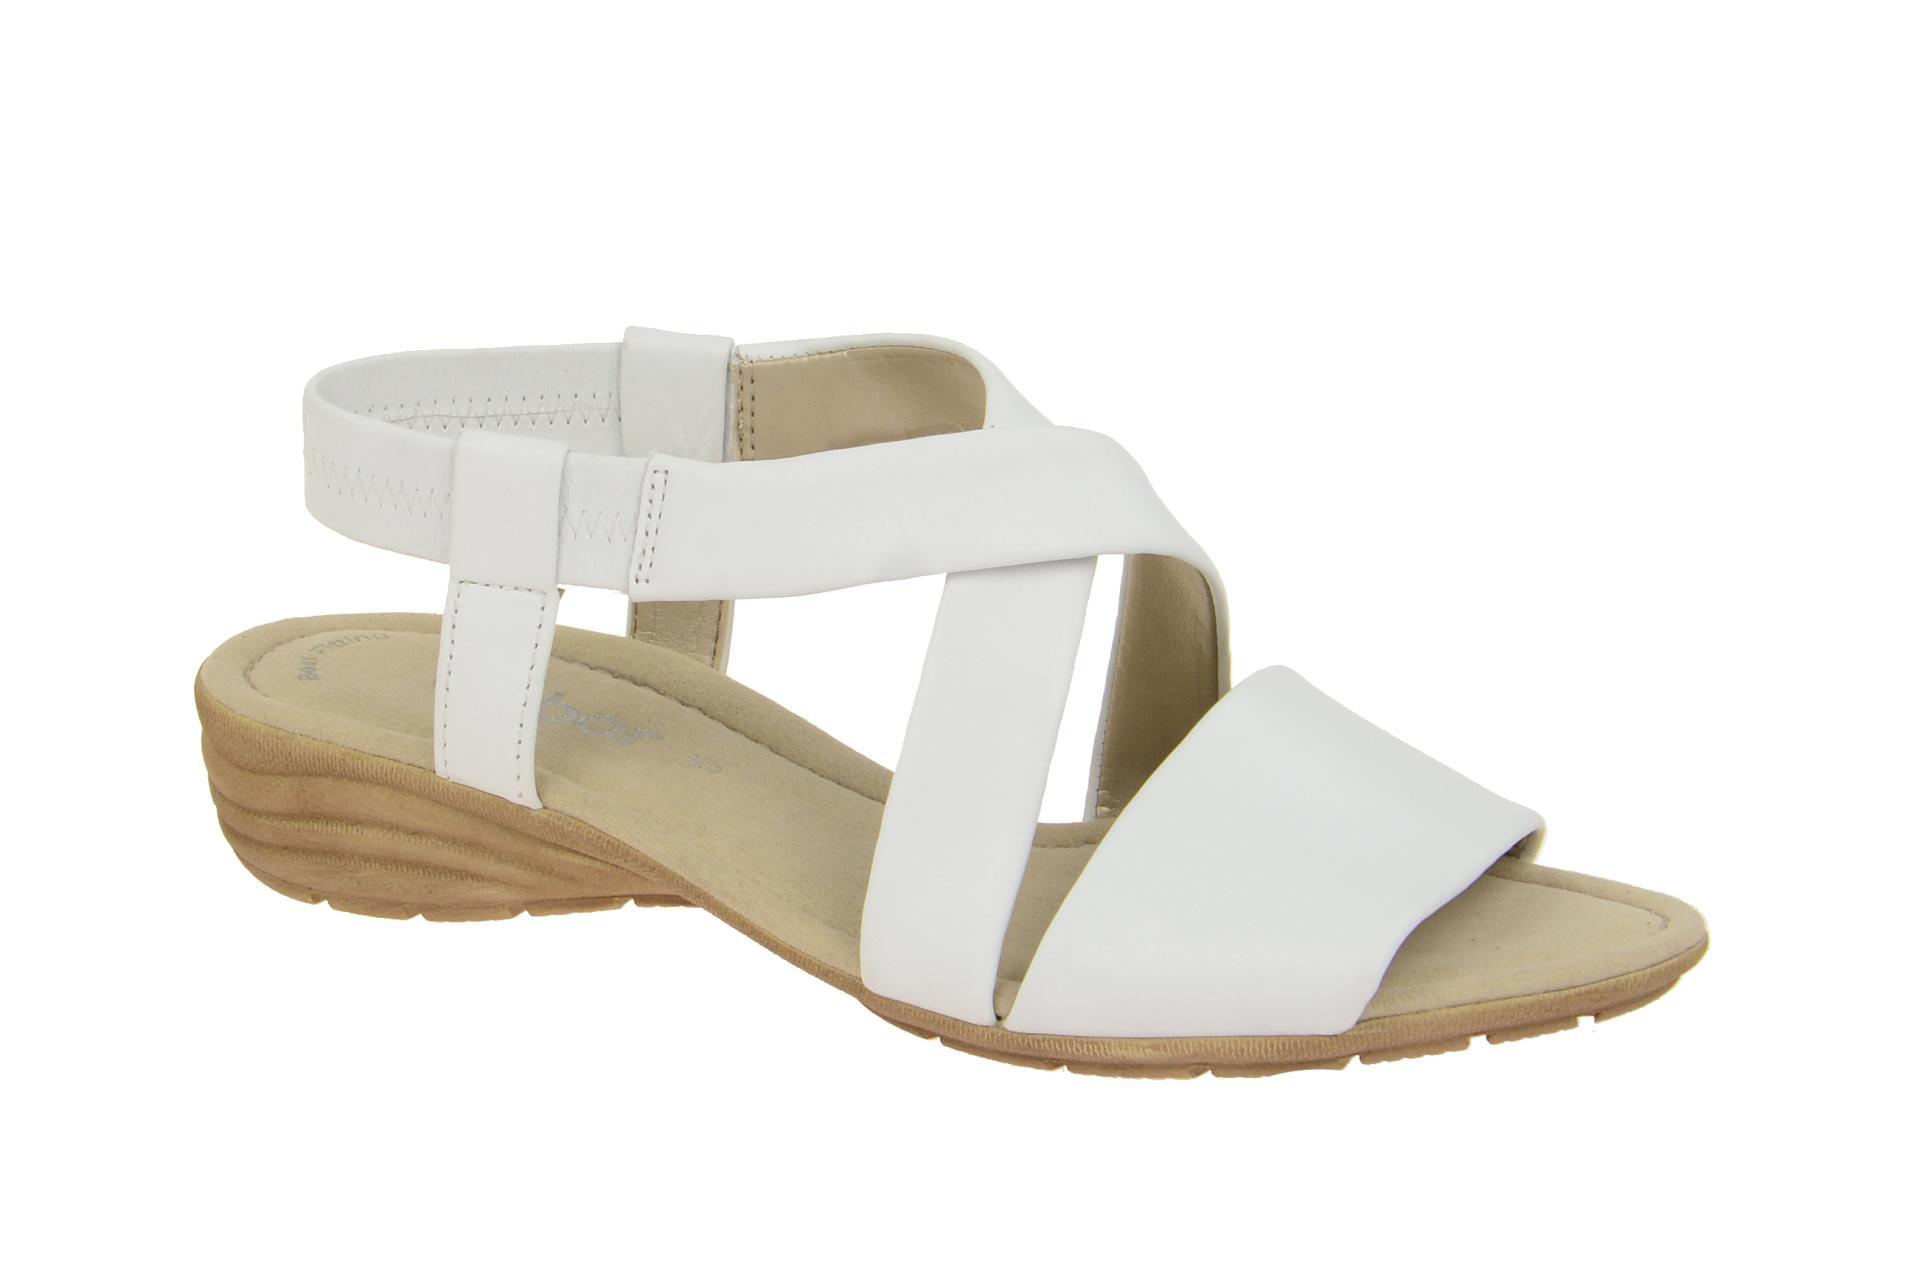 Details zu Gabor Schuhe 24.550 weiß Damen Sandalette Riemchen Sandalen 24.550.21 NEU